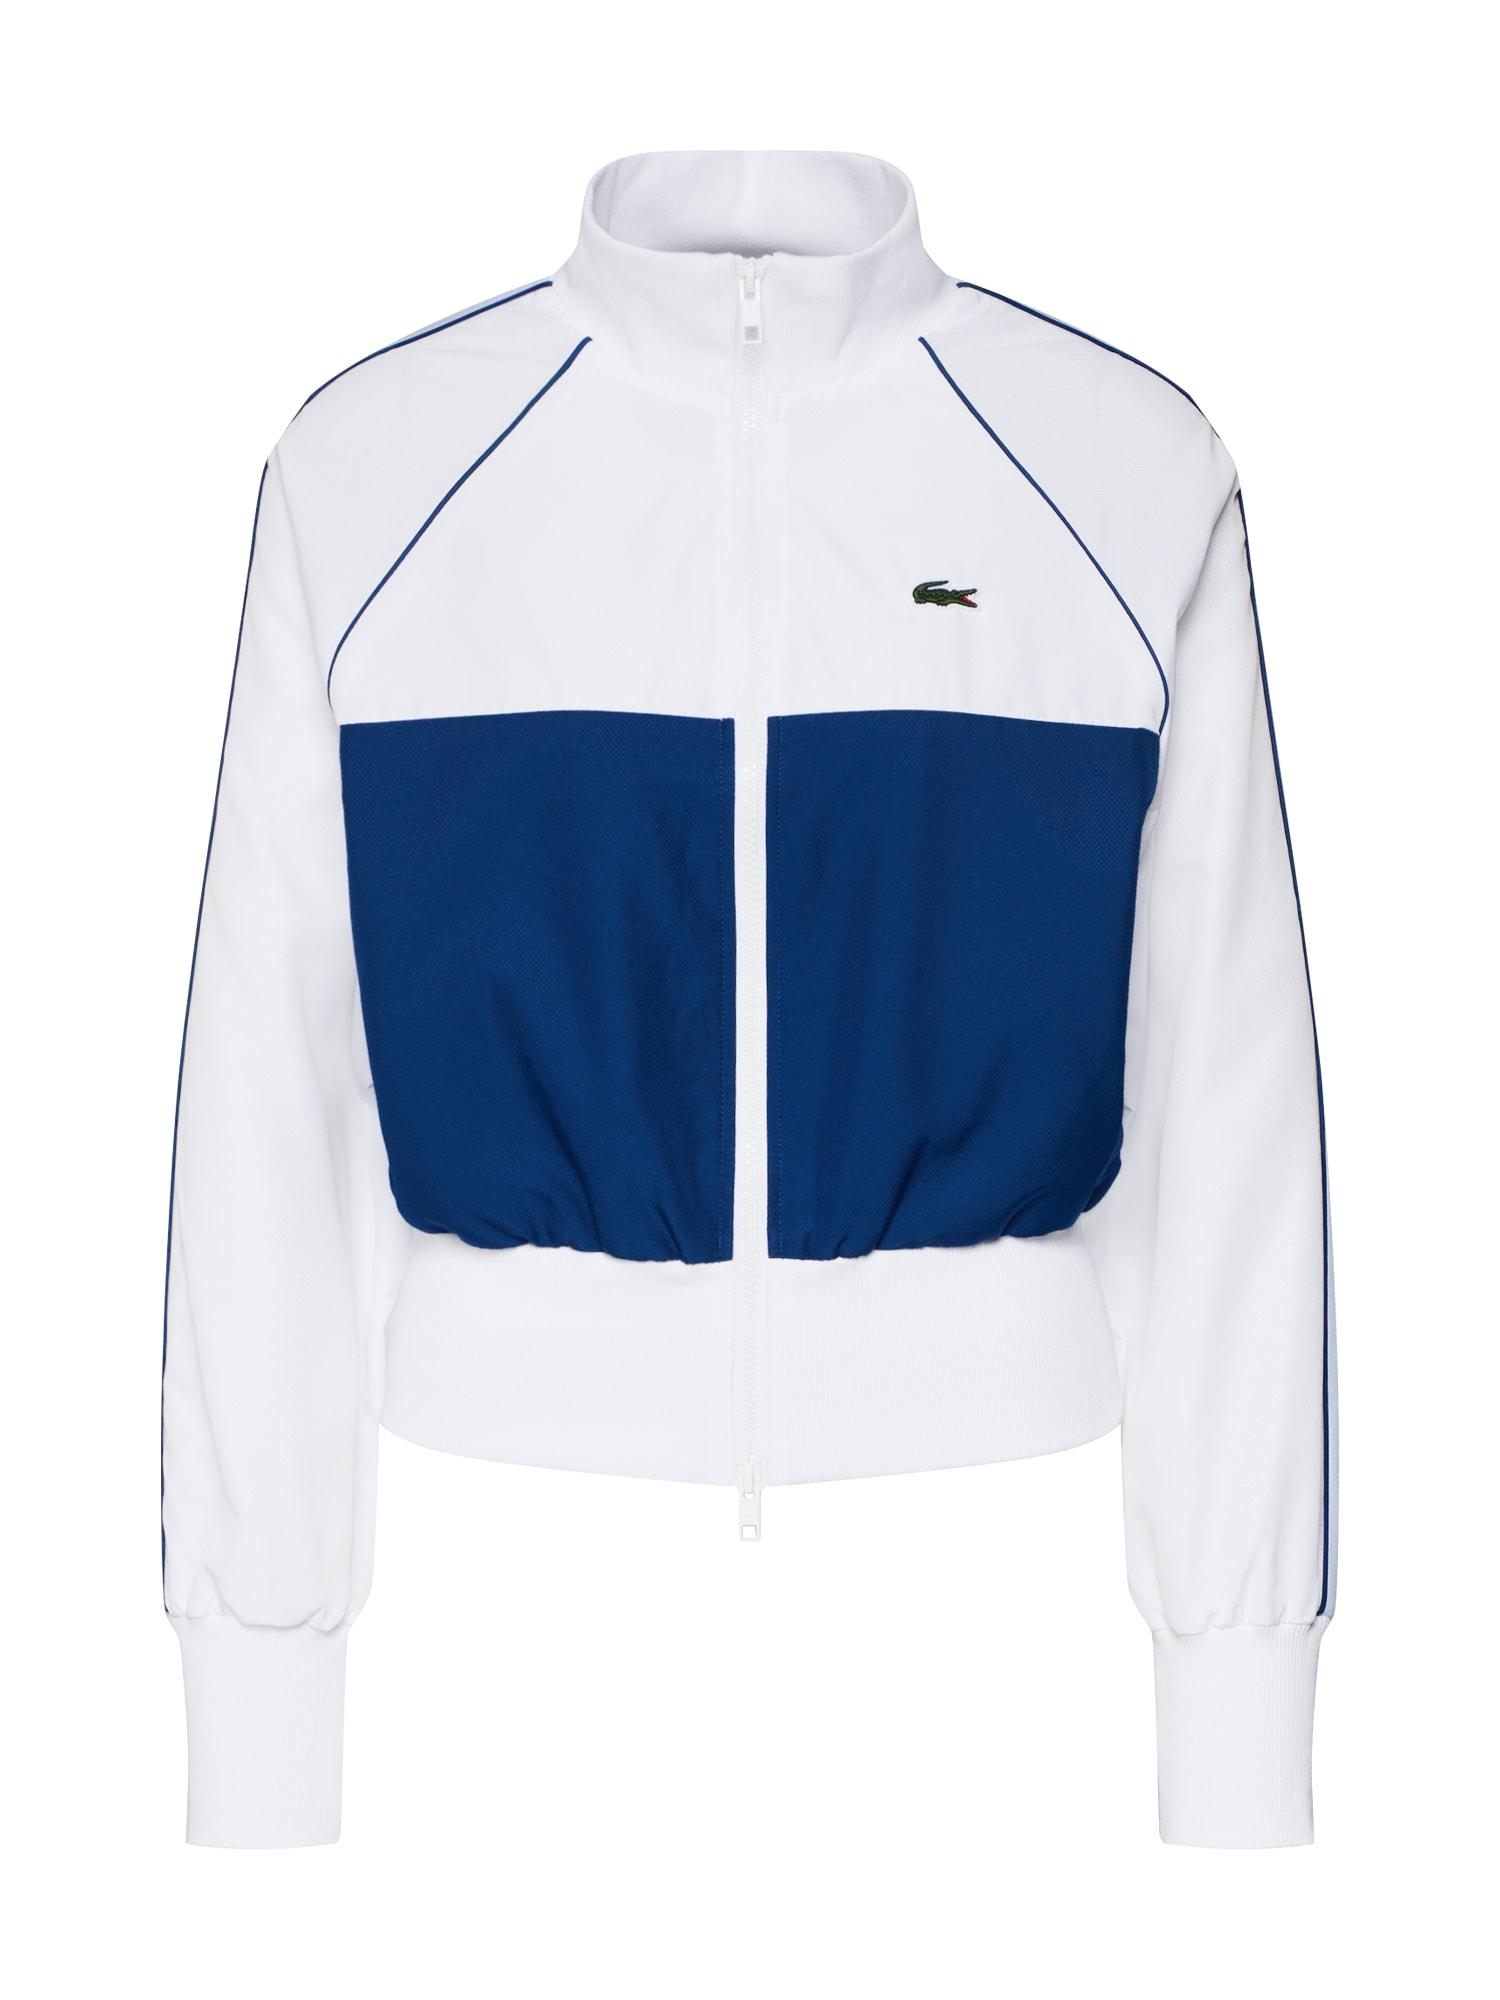 Mikina s kapucí tmavě modrá bílá LACOSTE